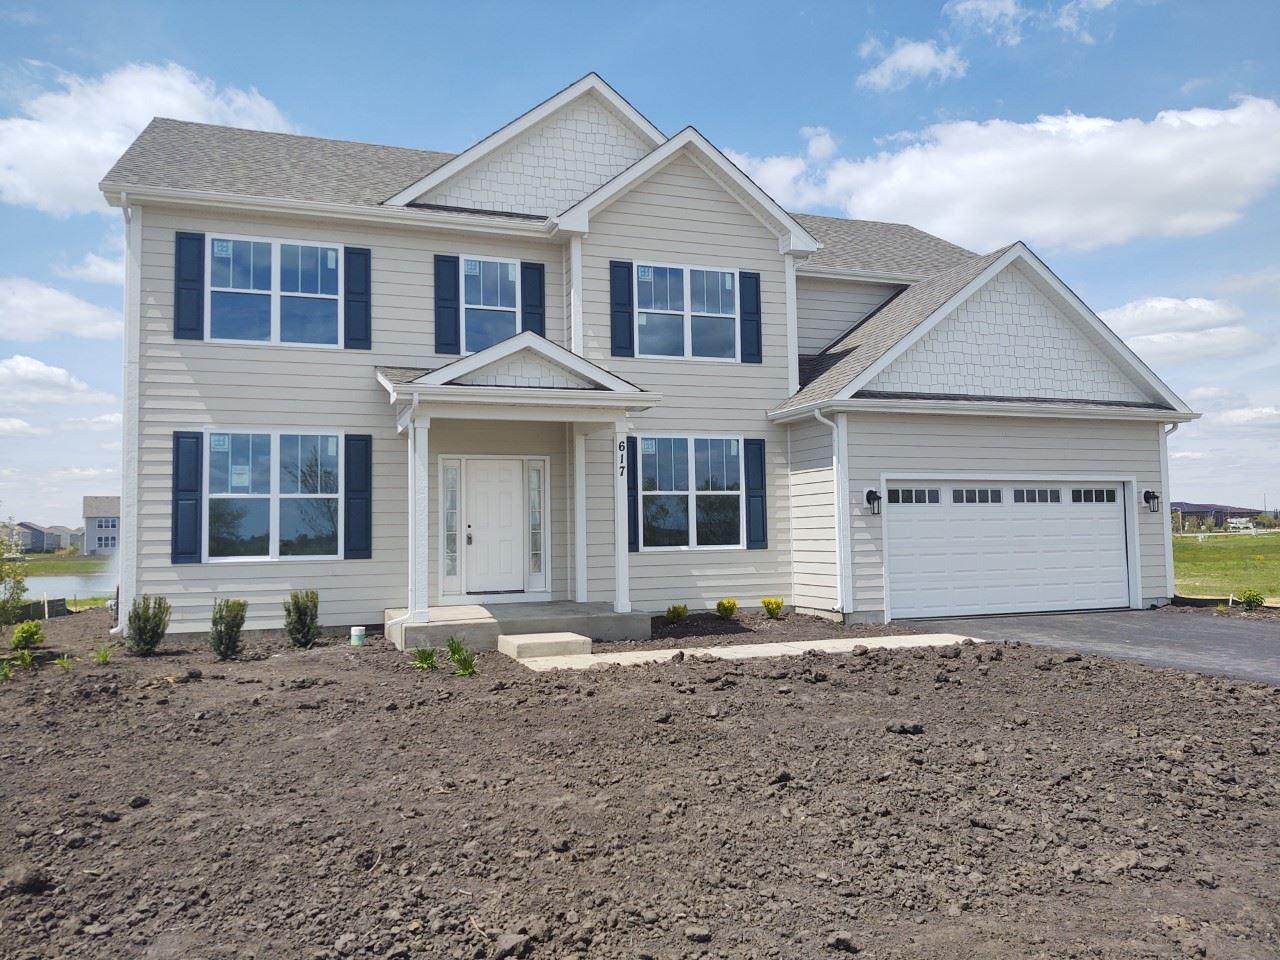 Photo of 617 Westford Place, Oswego, IL 60543 (MLS # 10912406)